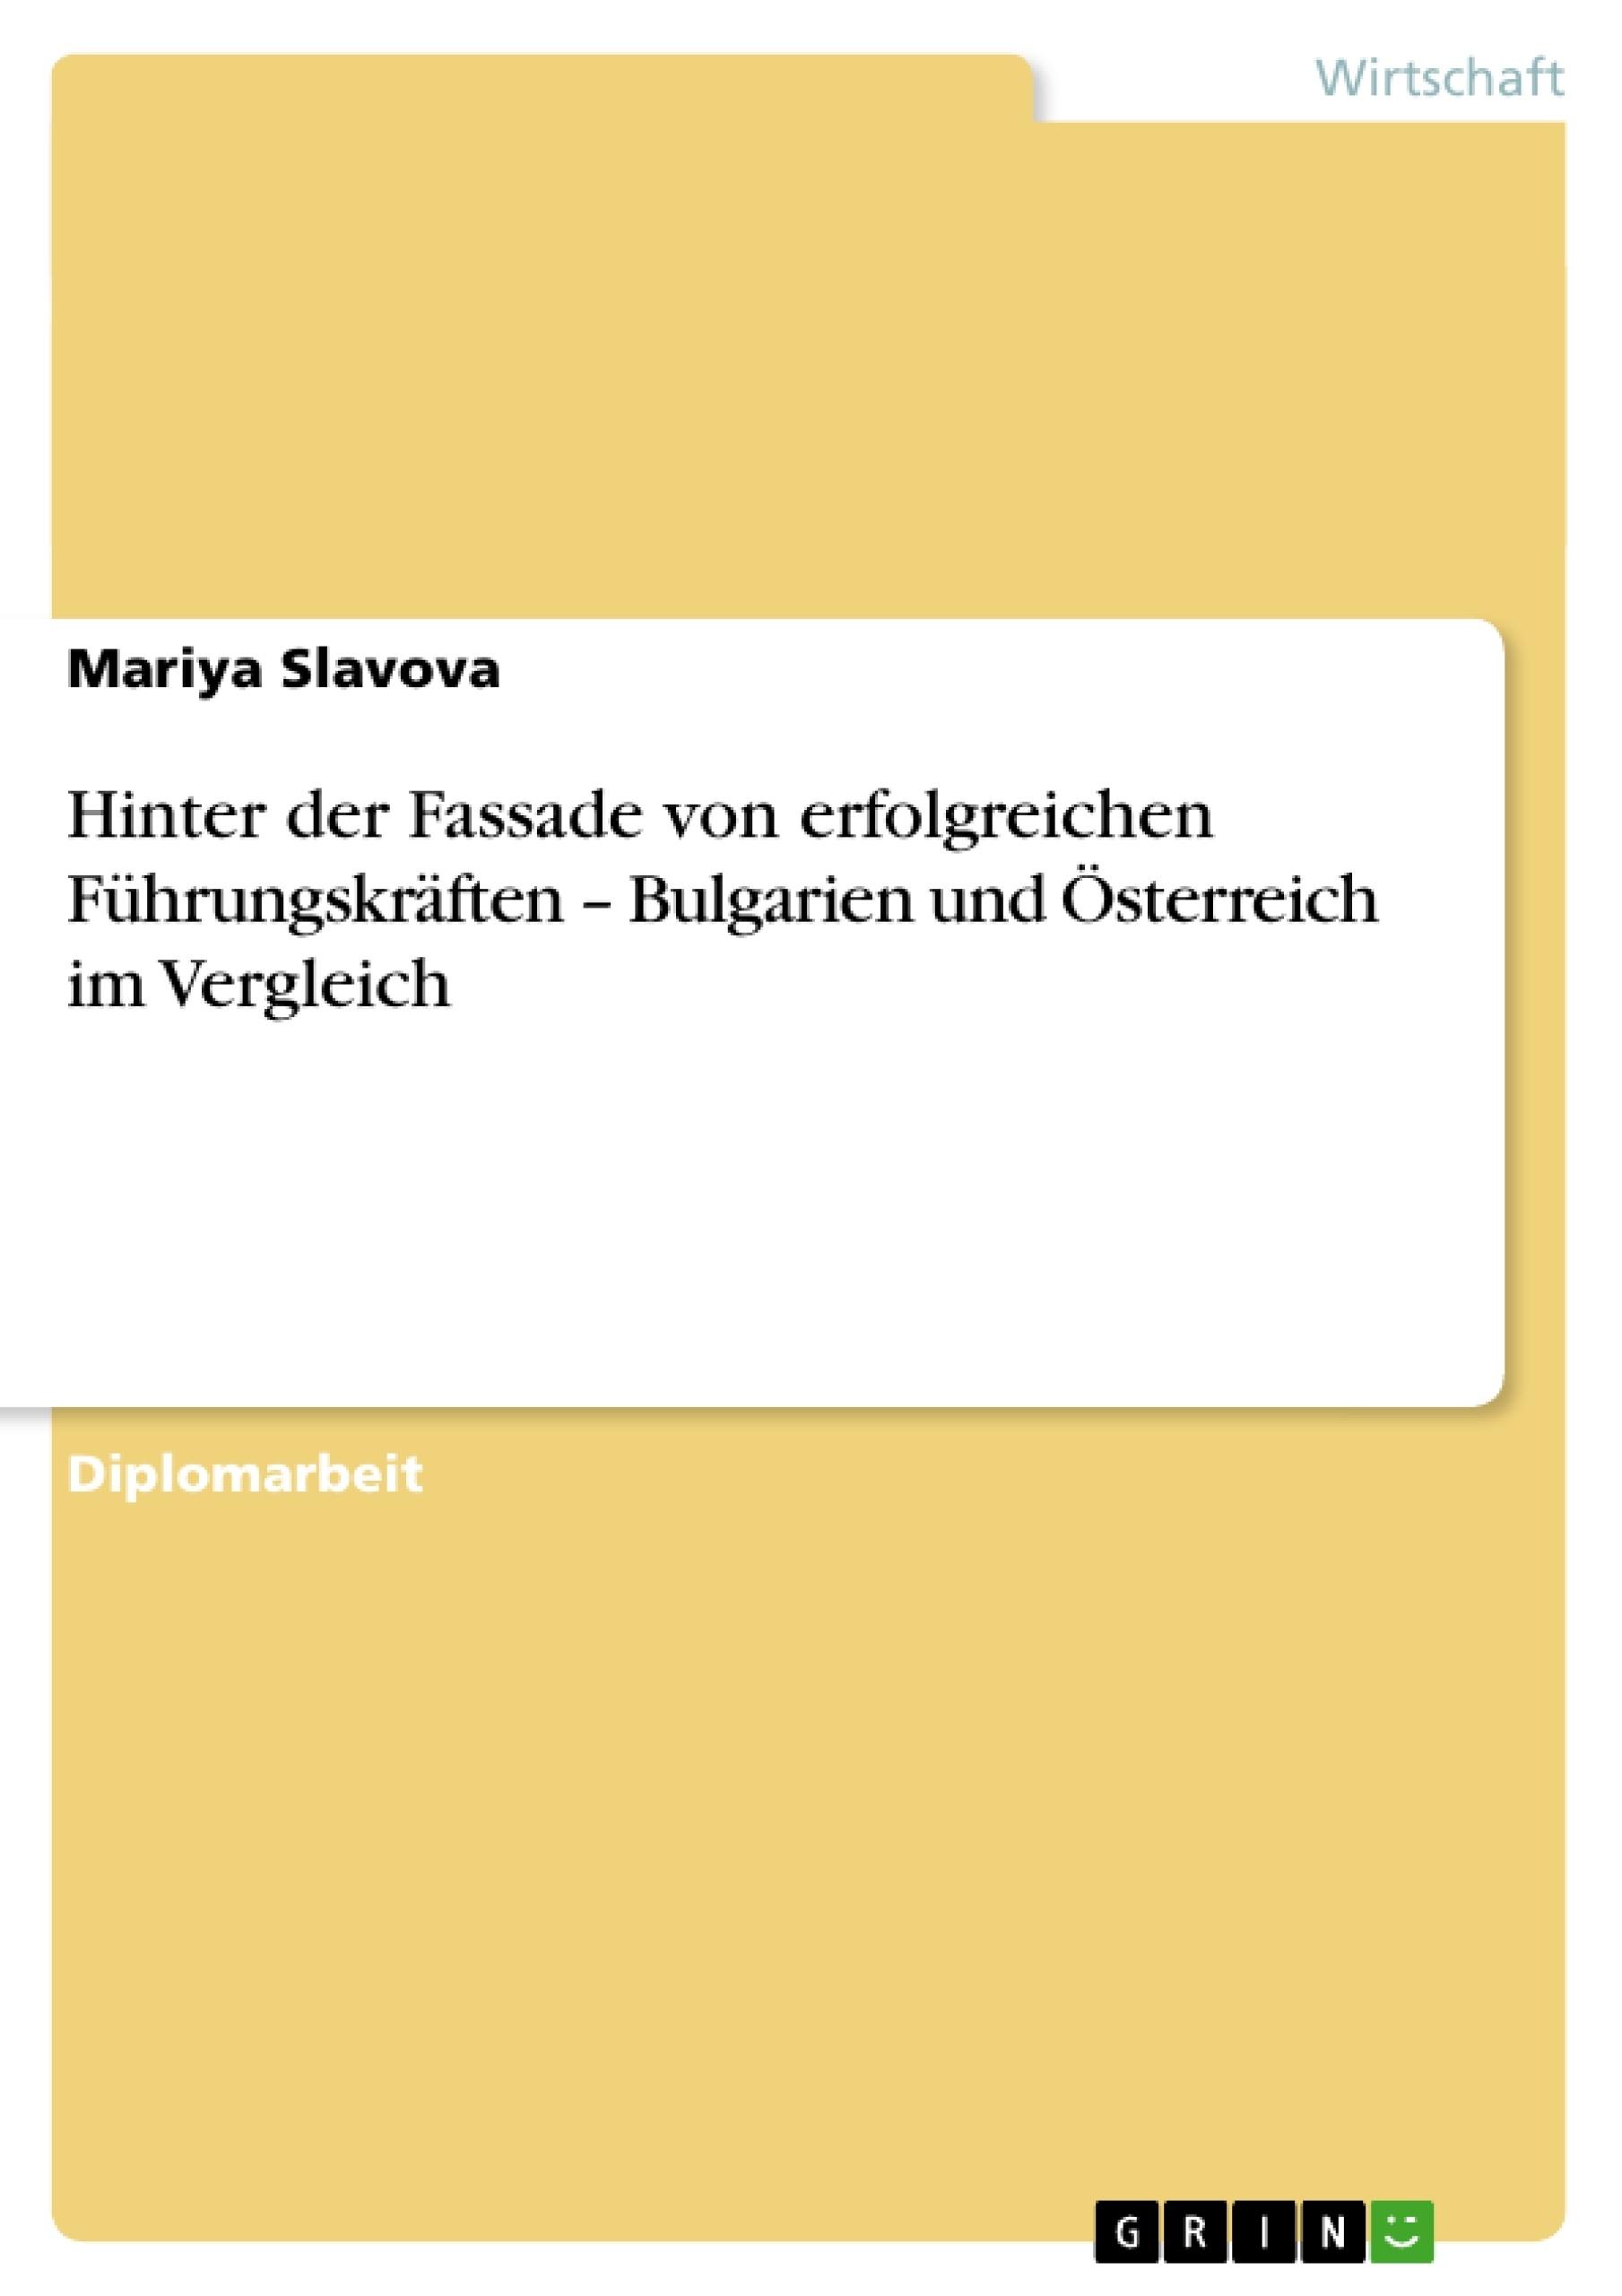 Titel: Hinter der Fassade von erfolgreichen Führungskräften – Bulgarien und Österreich im Vergleich